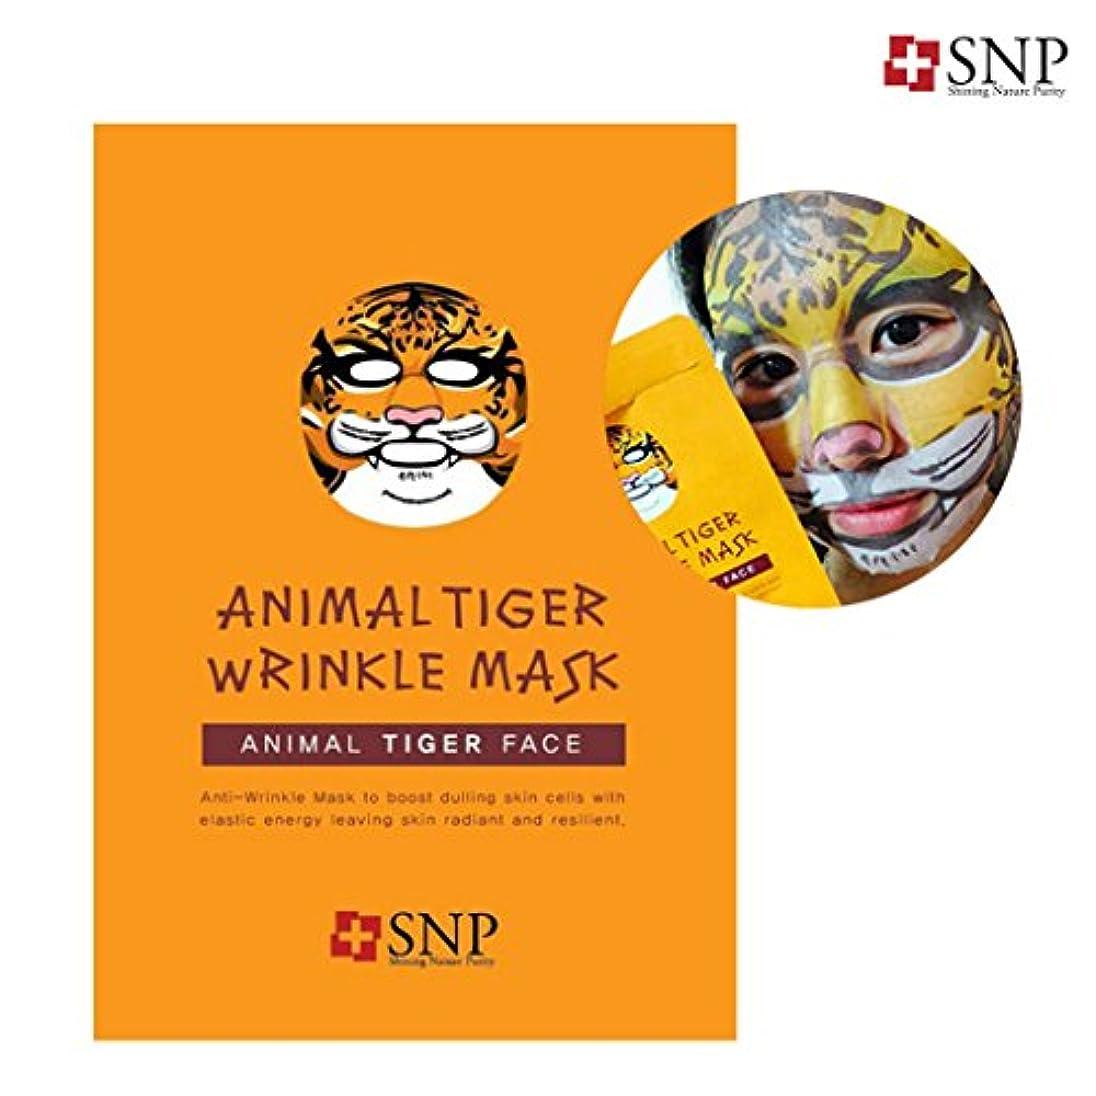 サイトラインラリーベルモントバンドSNP アニマル タイガーリンクルマスク10枚 / animal tiger wrinkle mask 10ea[海外直送品]